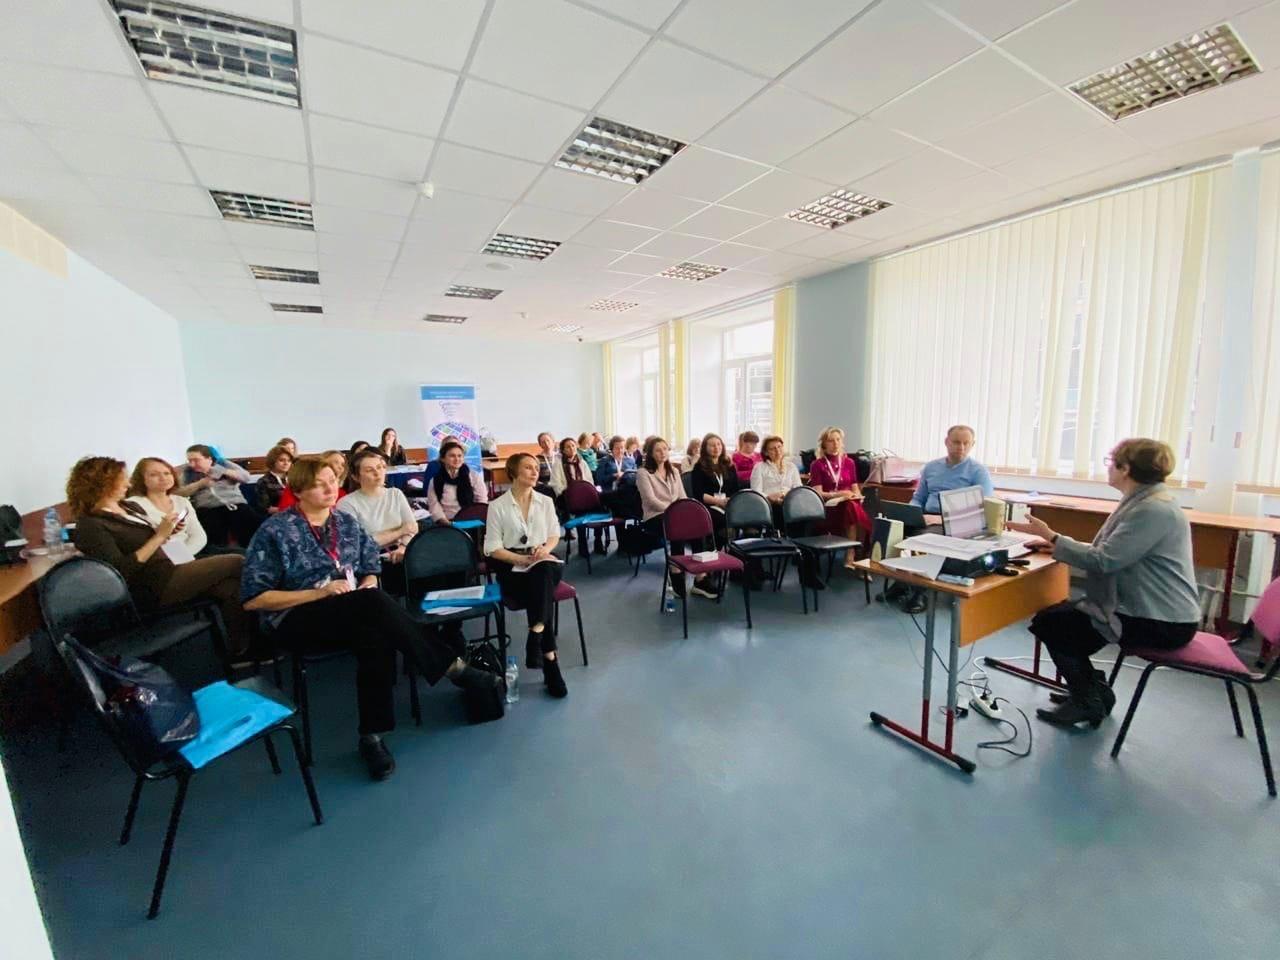 Тамбовский филиал РАНХиГС принял участие в международной практико-ориентированной конференции по английскому языку, фото-5